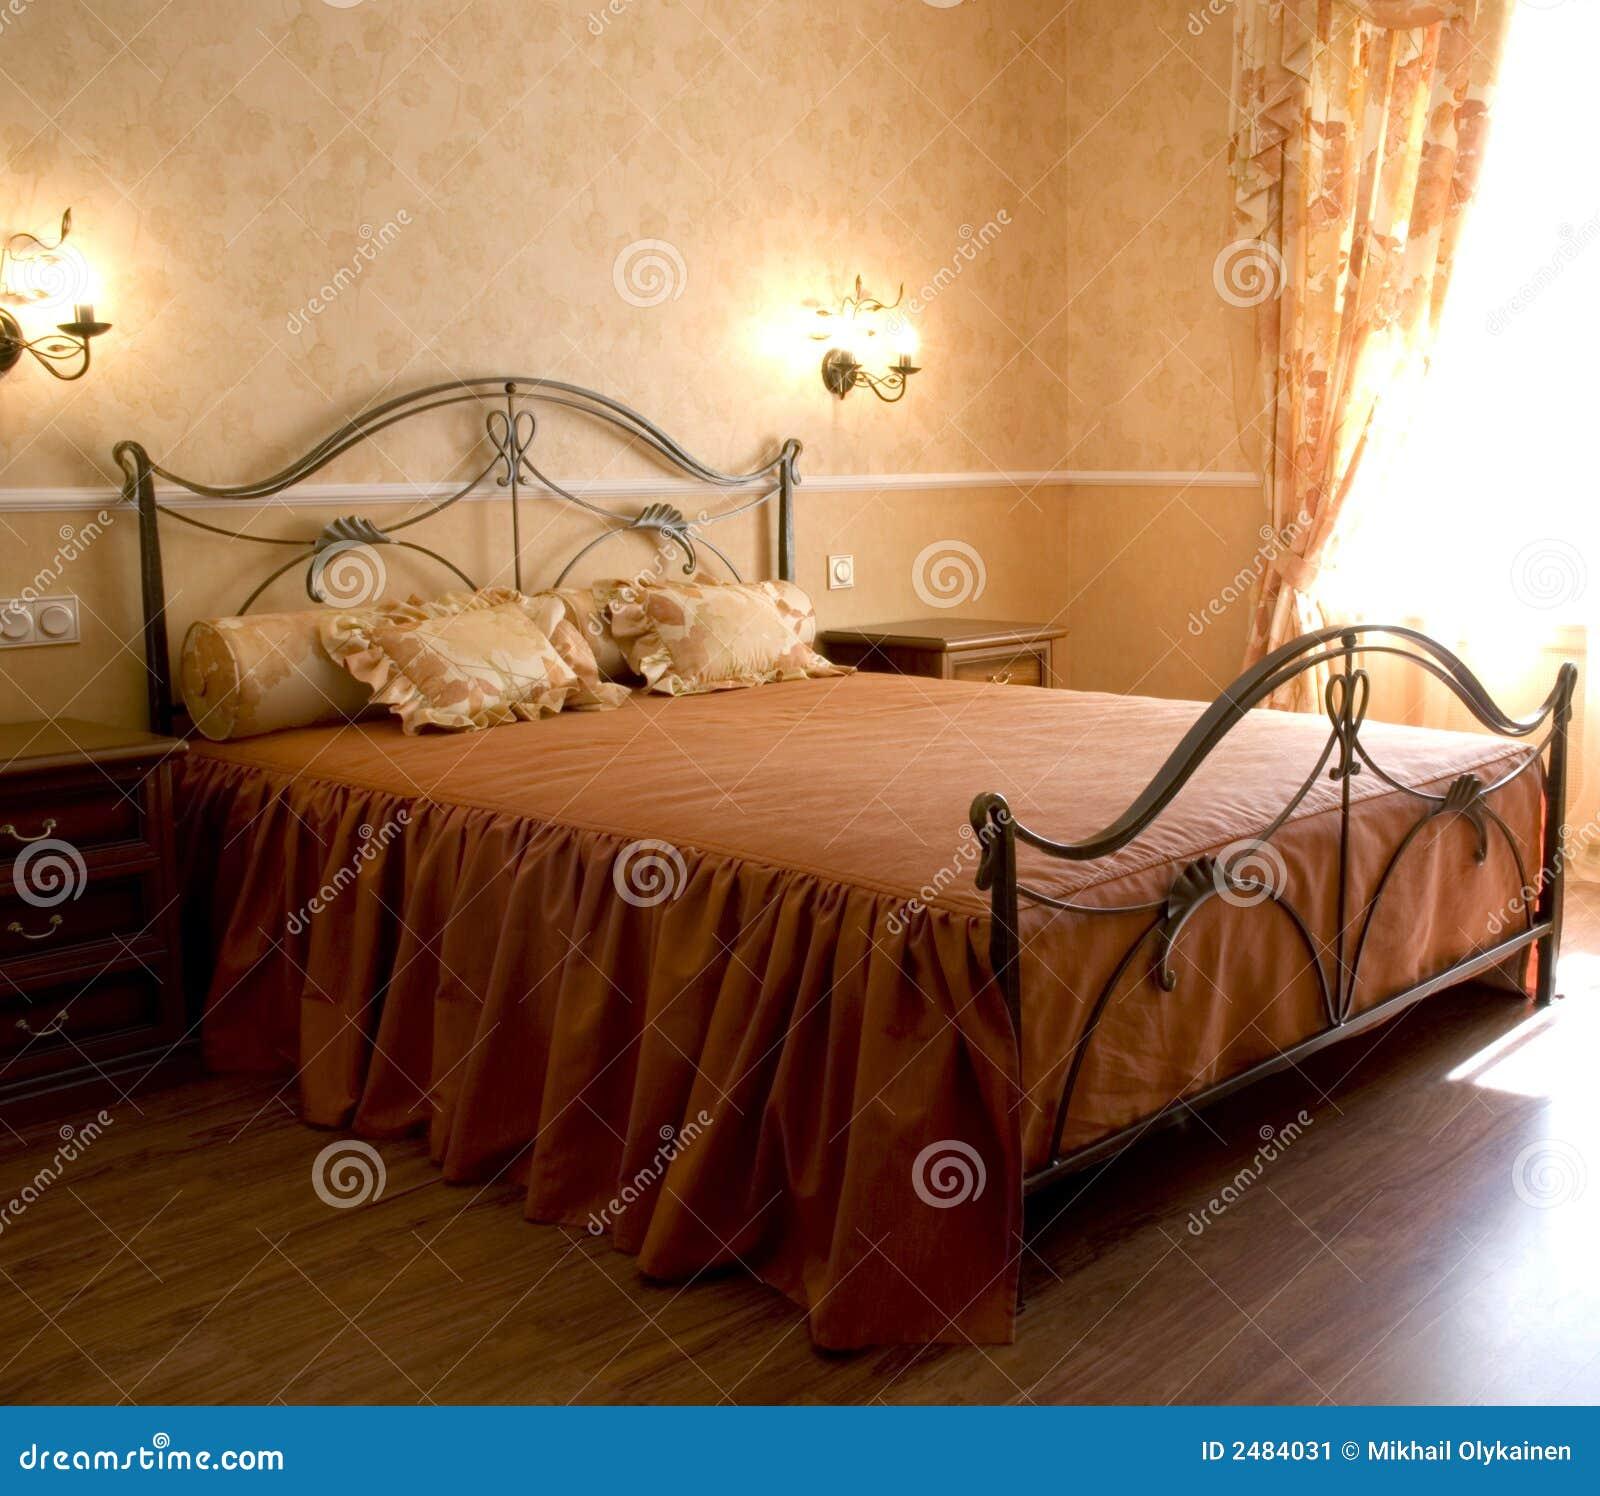 Romantisches Schlafzimmer stockbild. Bild von modern, gehammert ...